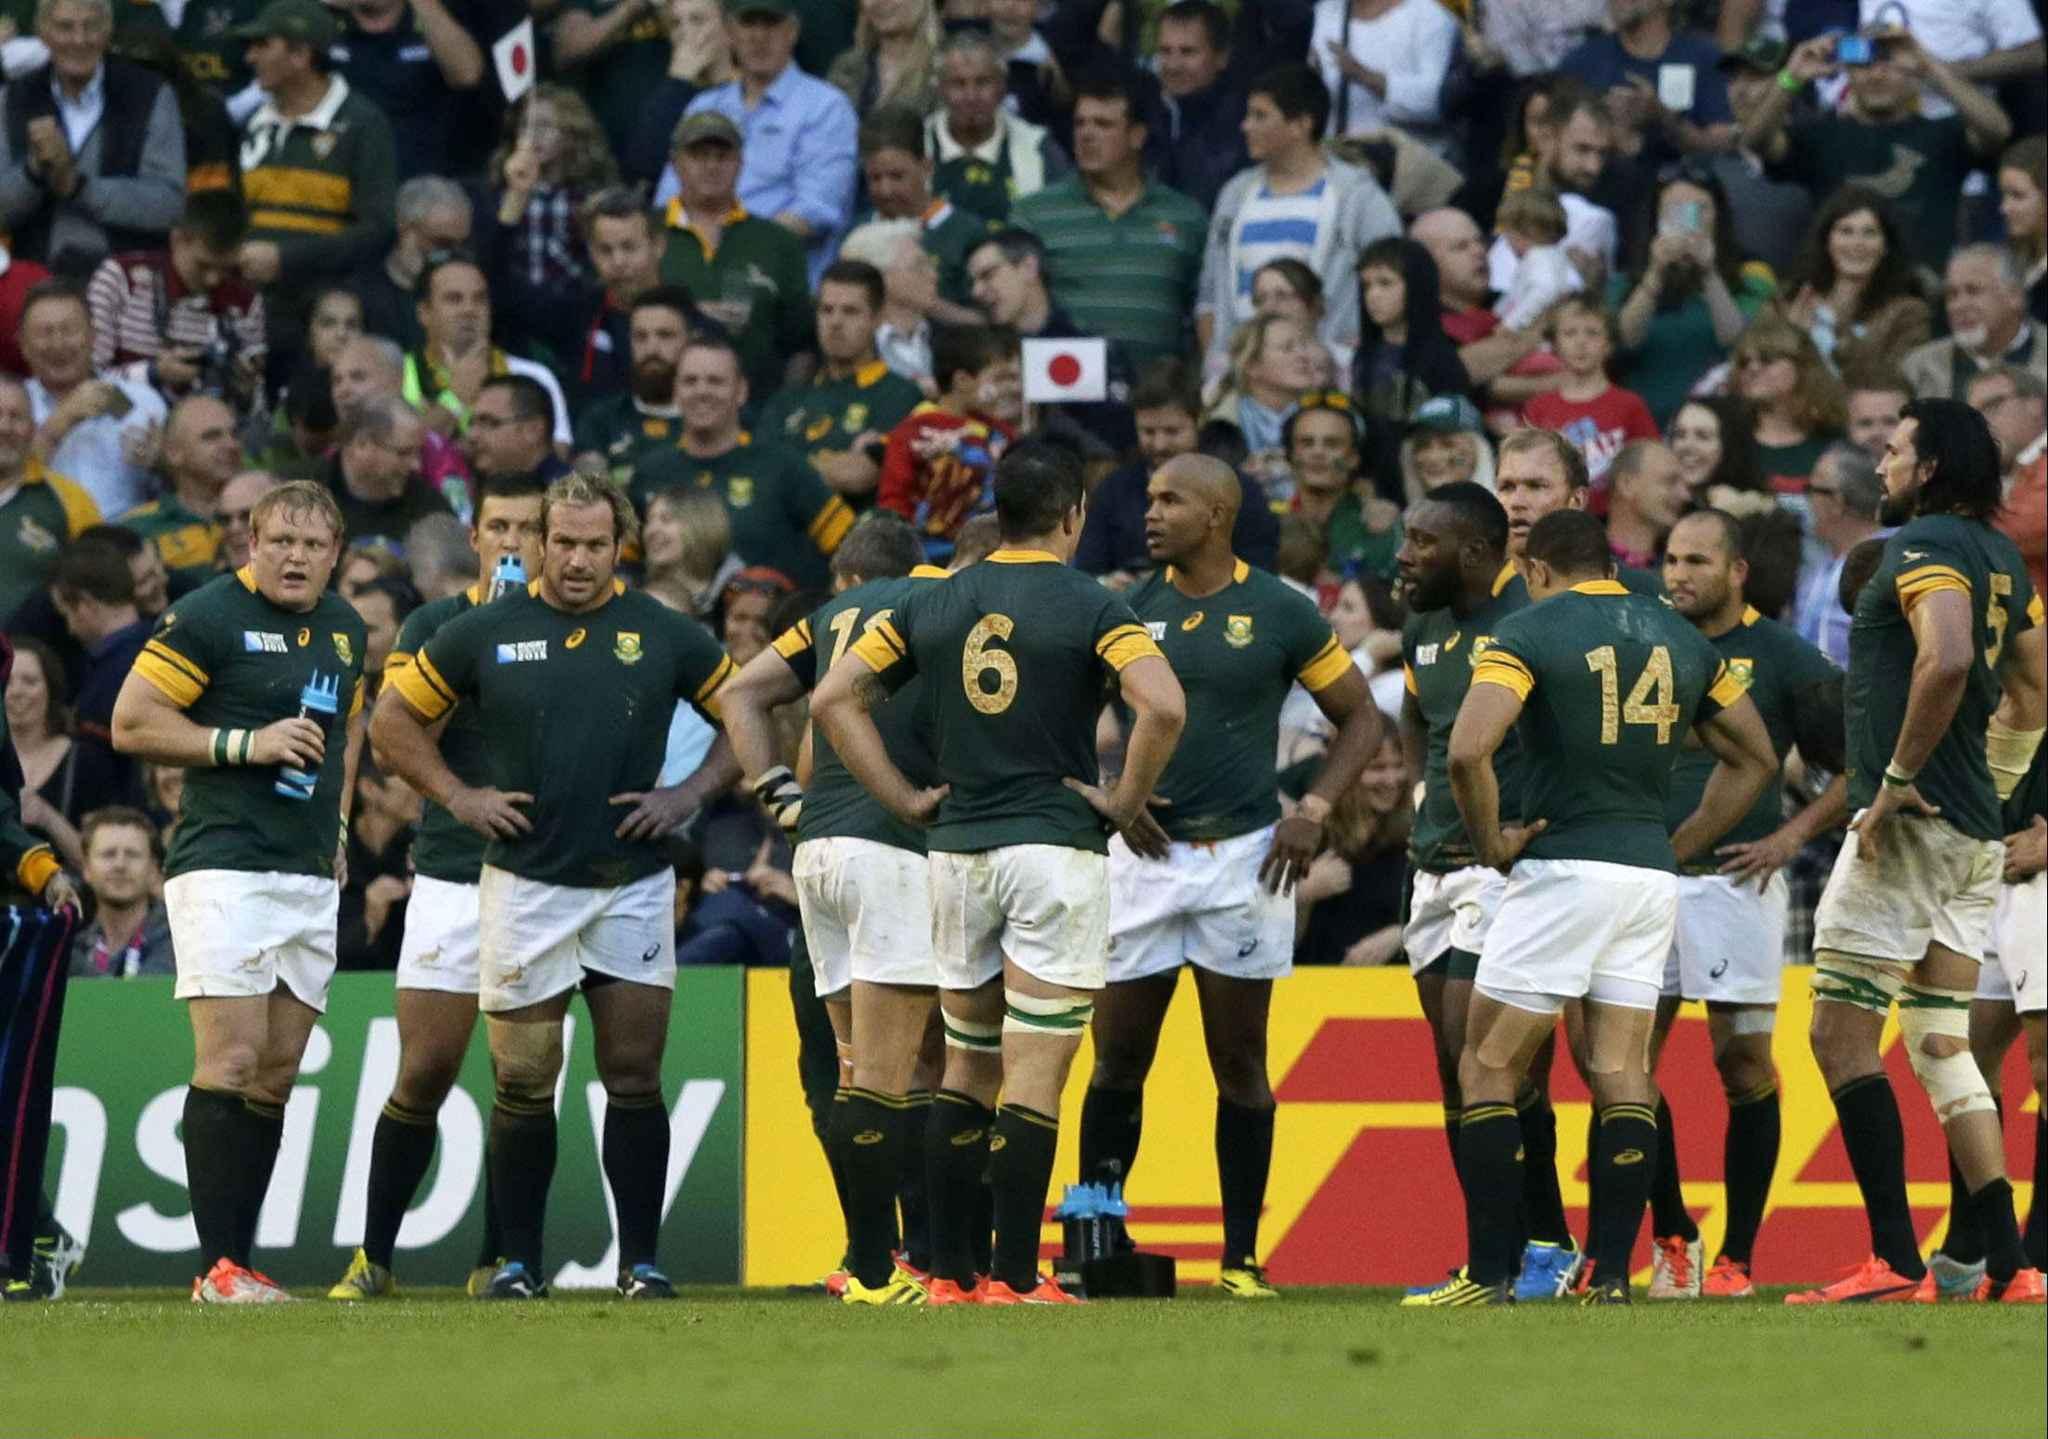 Le journal de la coupe du monde l 39 afrique du sud trouve la pire excuse du monde pour sa d faite - Poule de la coupe du monde de rugby 2015 ...